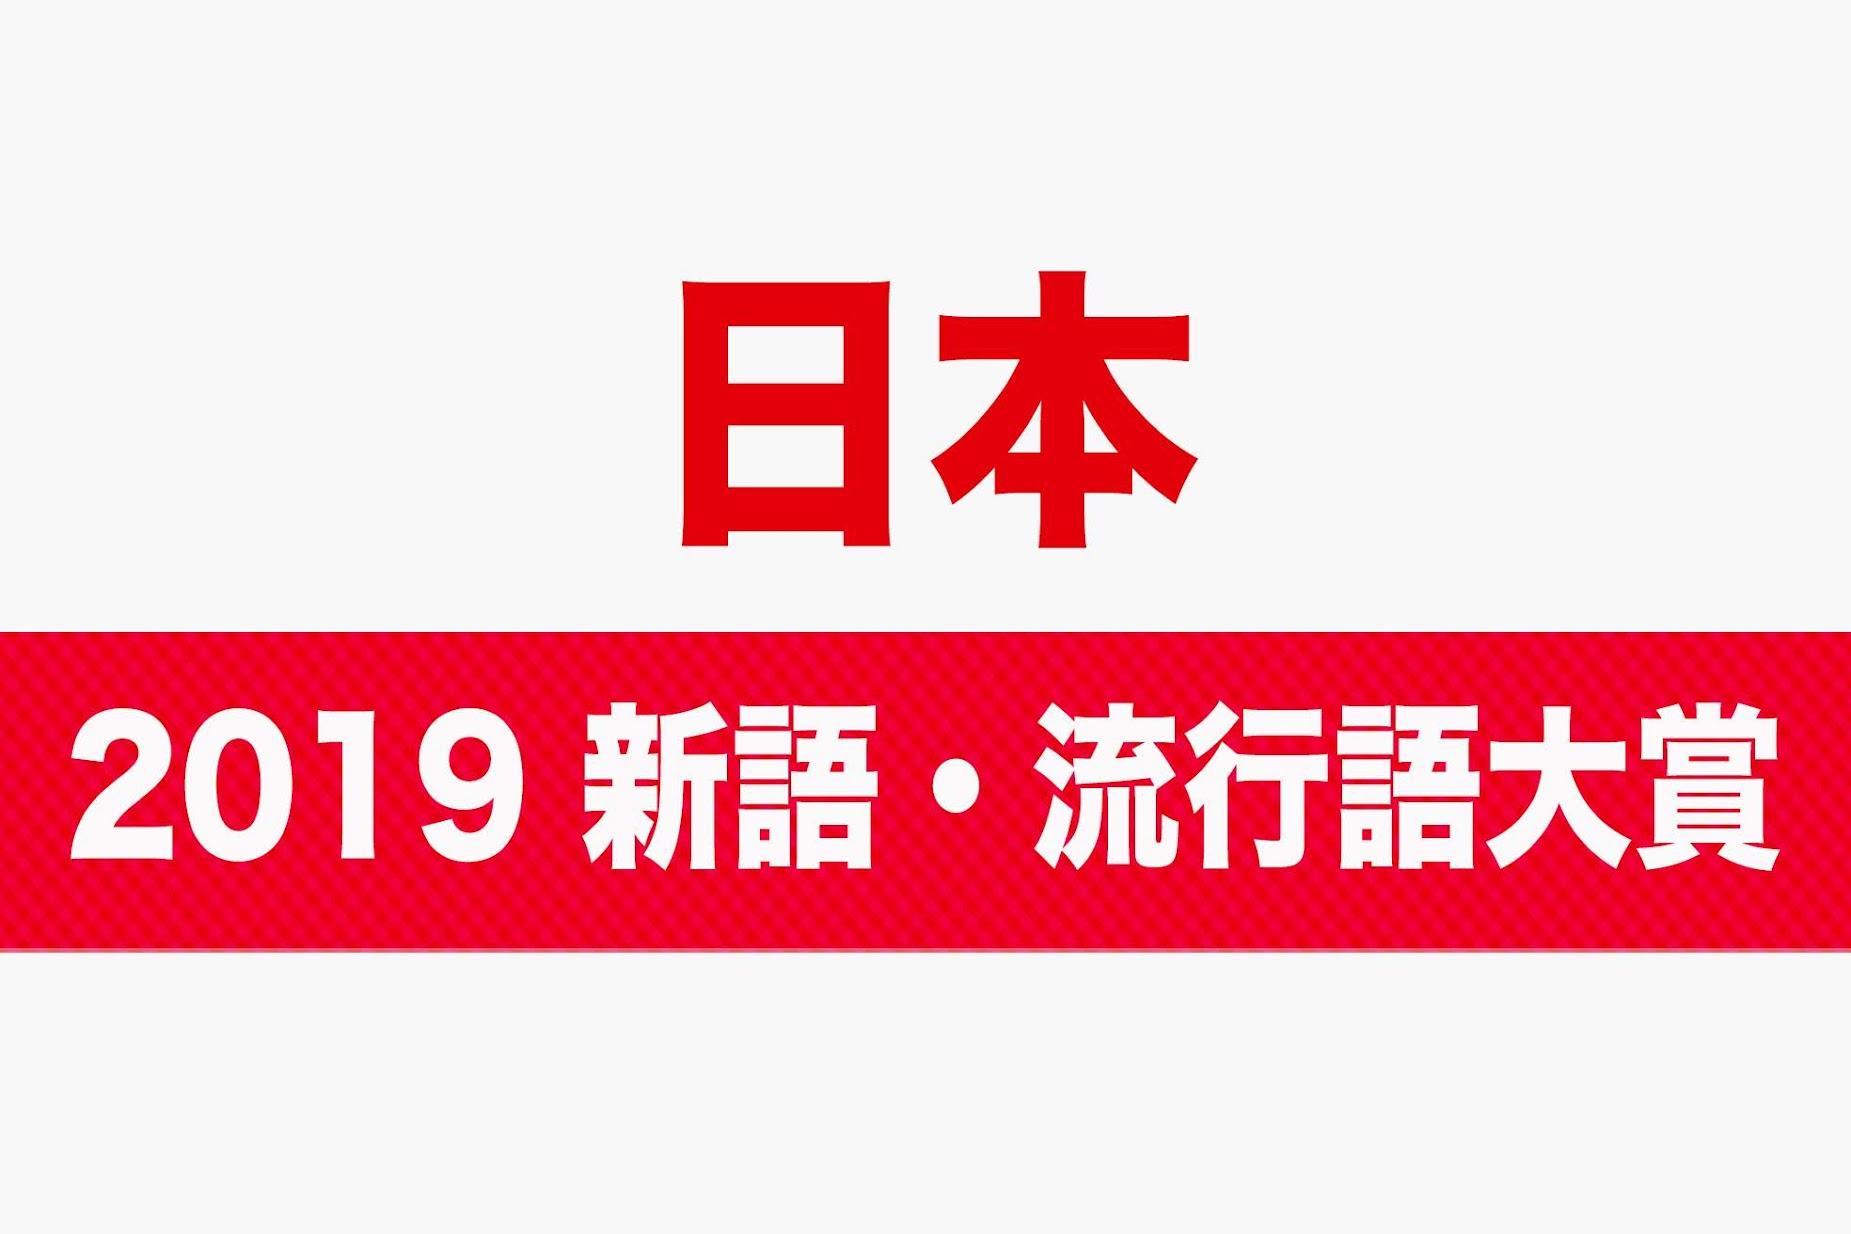 [迷迷日本] 2019 新語・流行語大賞 ONE TEAM 得大獎